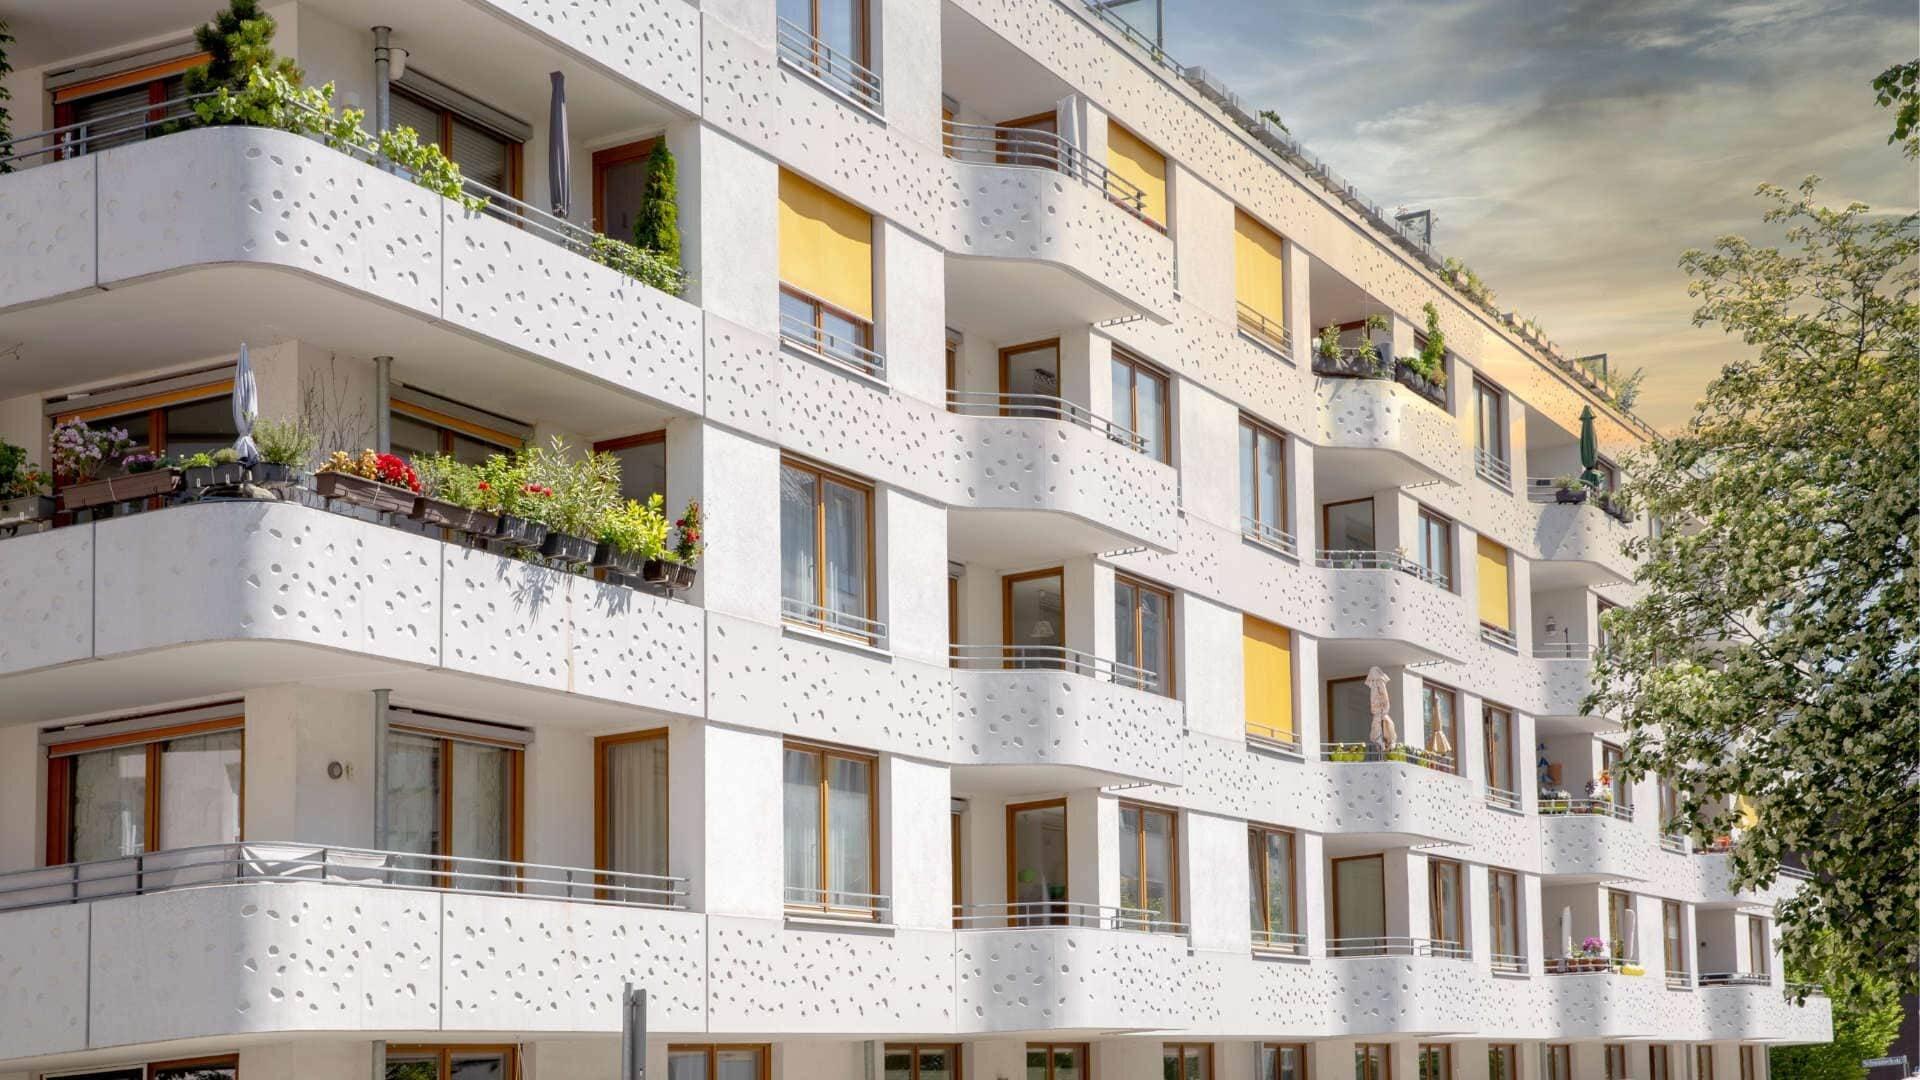 Immobilienverkauf mit Immobilienmakler